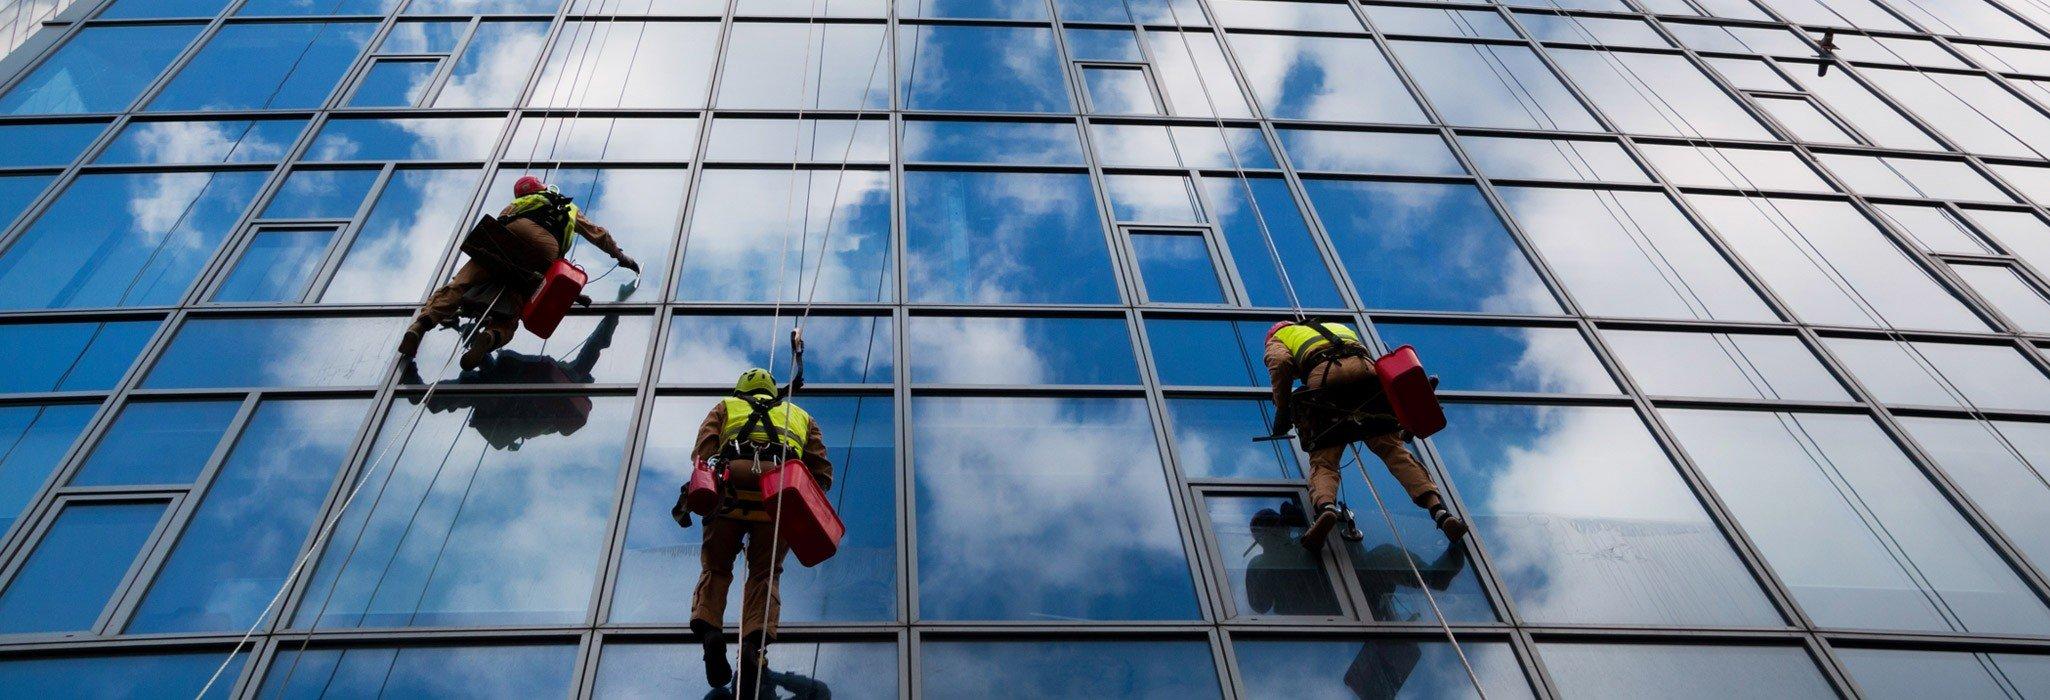 Höhenarbeit - Schutzausrüstung